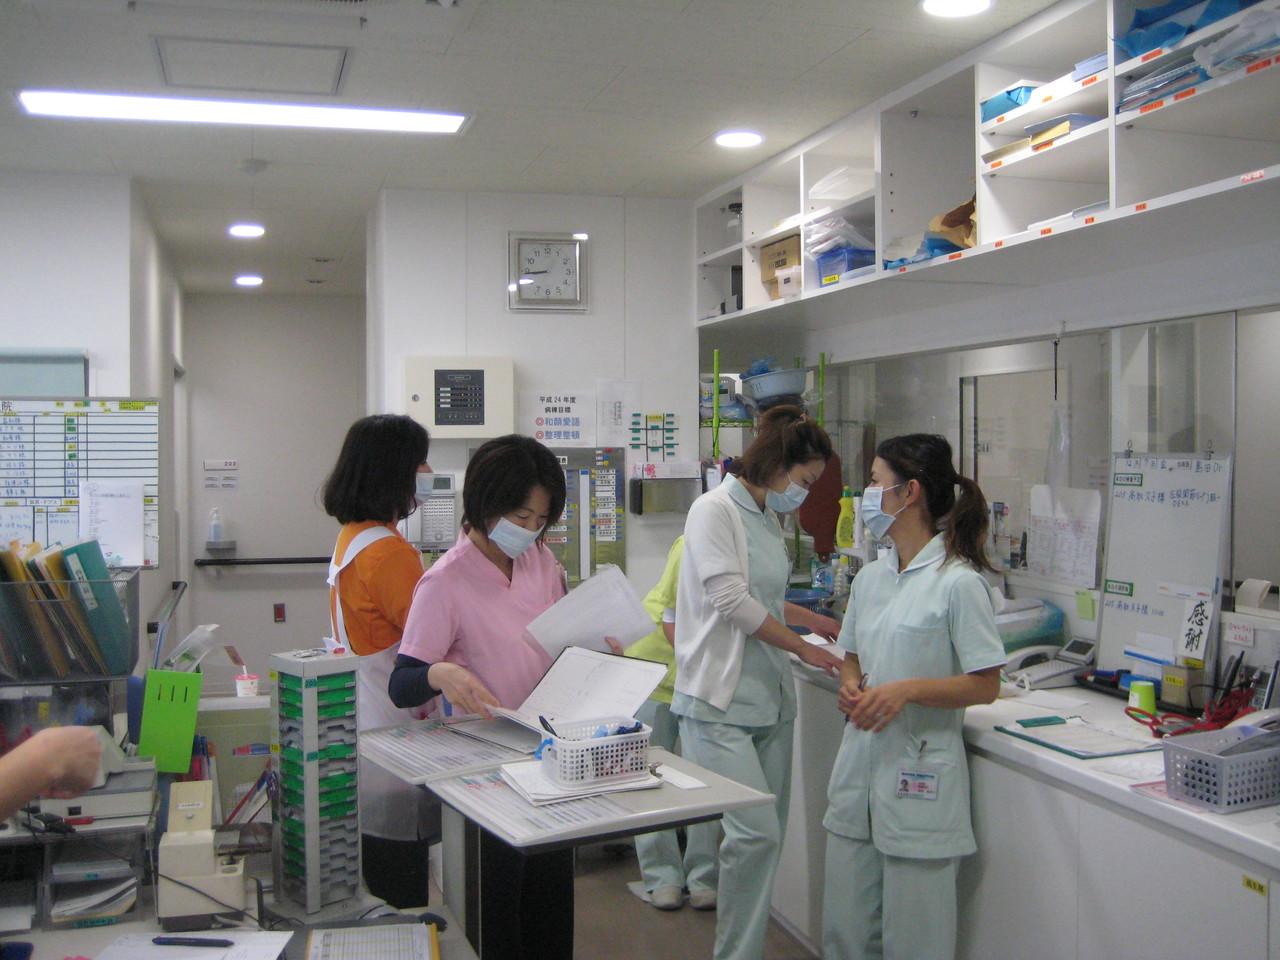 チーム医療で患者さんのため24時間看護します